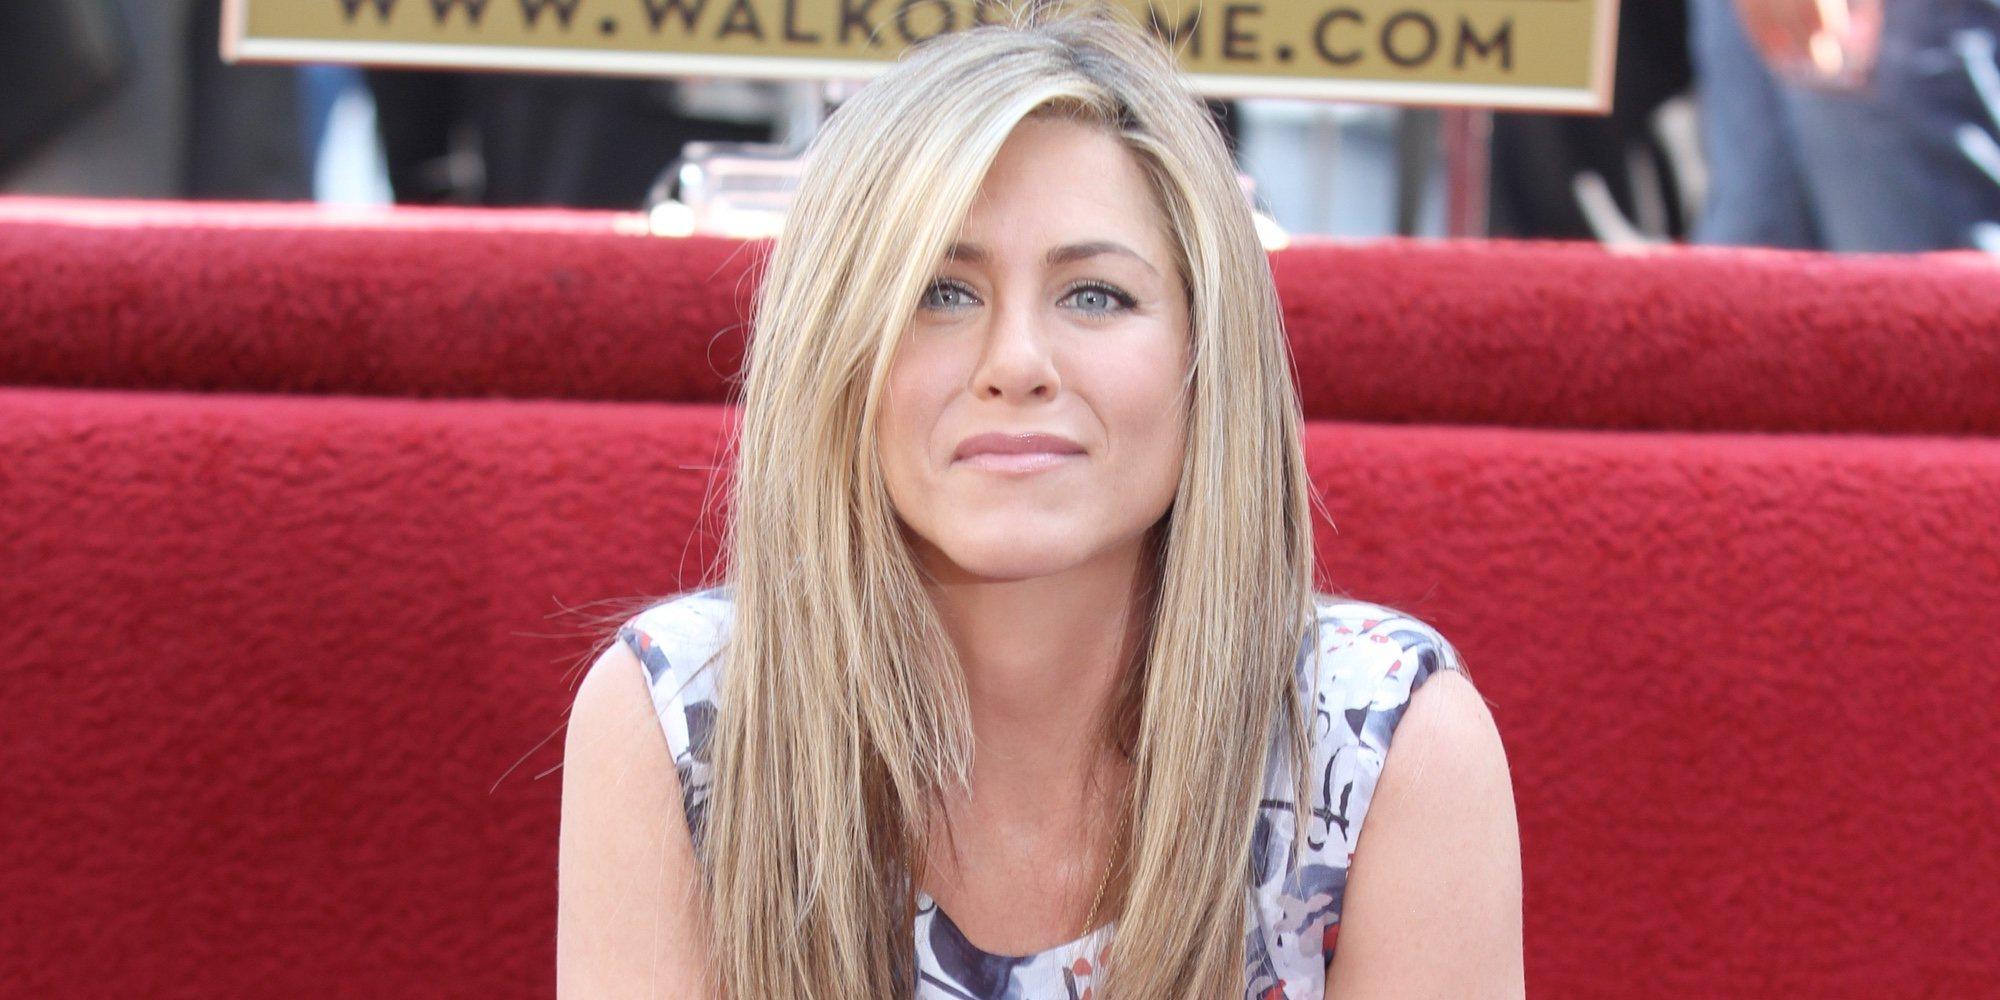 El avión privado de Jennifer Aniston tuvo que hacer un aterrizaje de emergencia de camino a su 50 cumpleaños